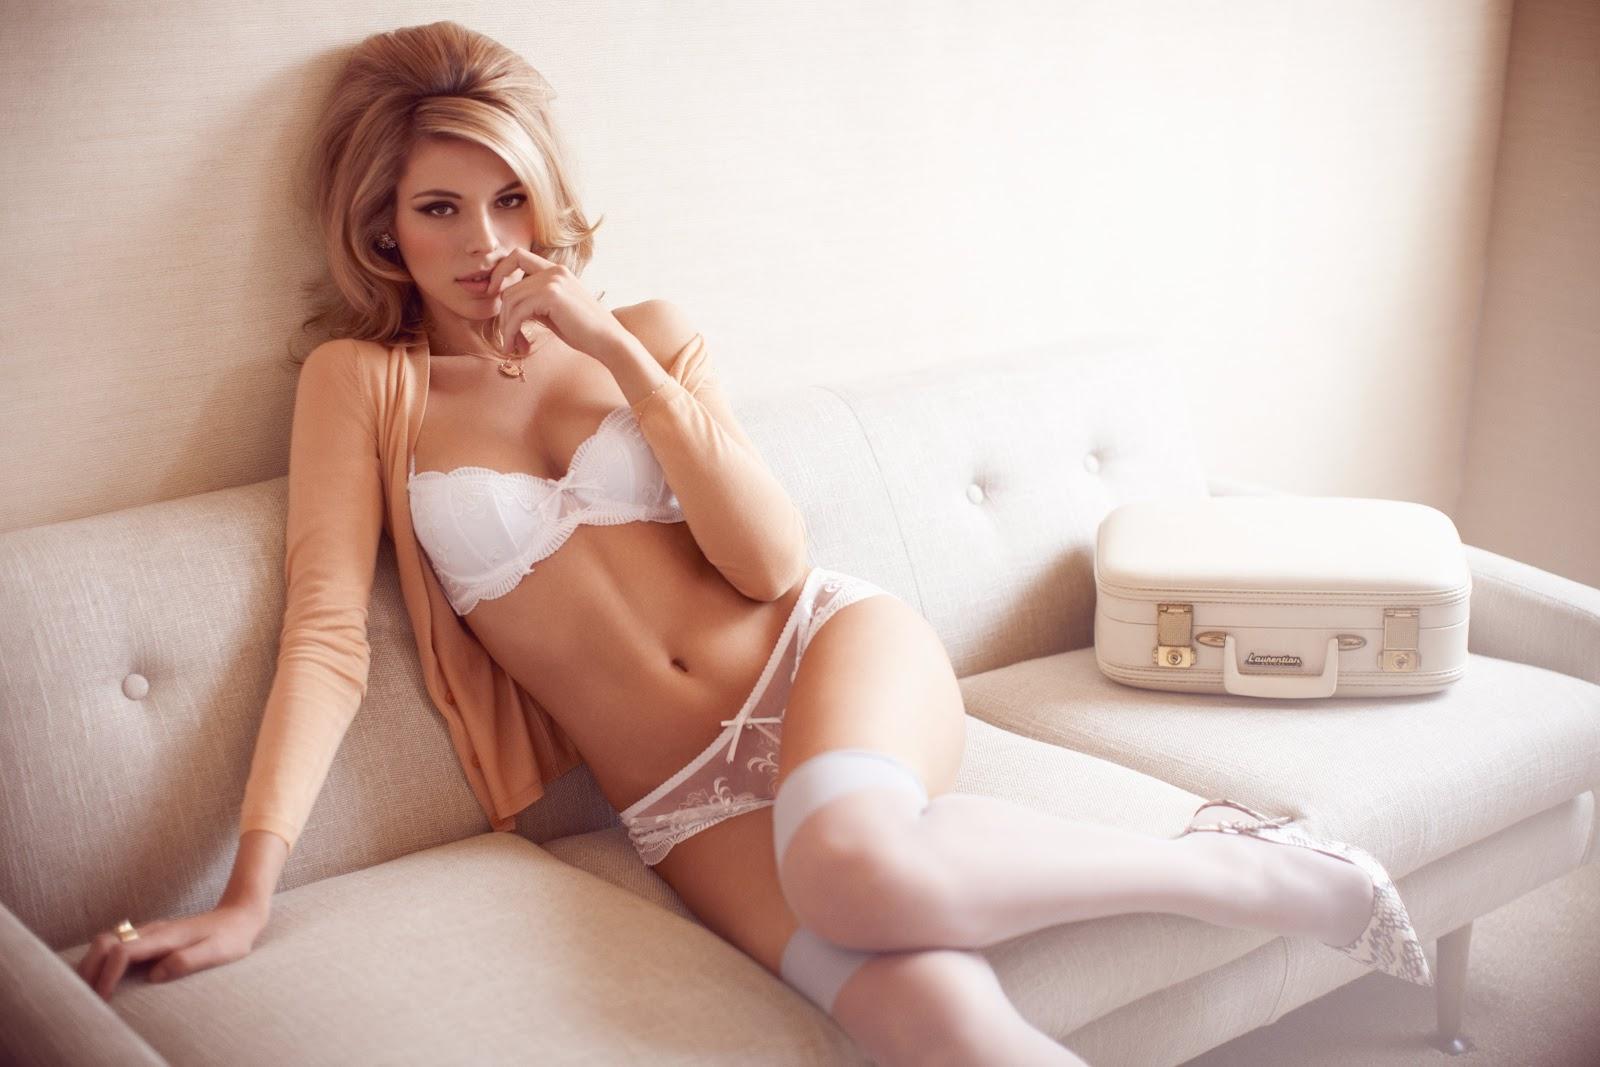 Bride underwear bridal underwear 5 best luxury bridal lingerie sets - jeanne pompadour  nvgijja YXMMHTO